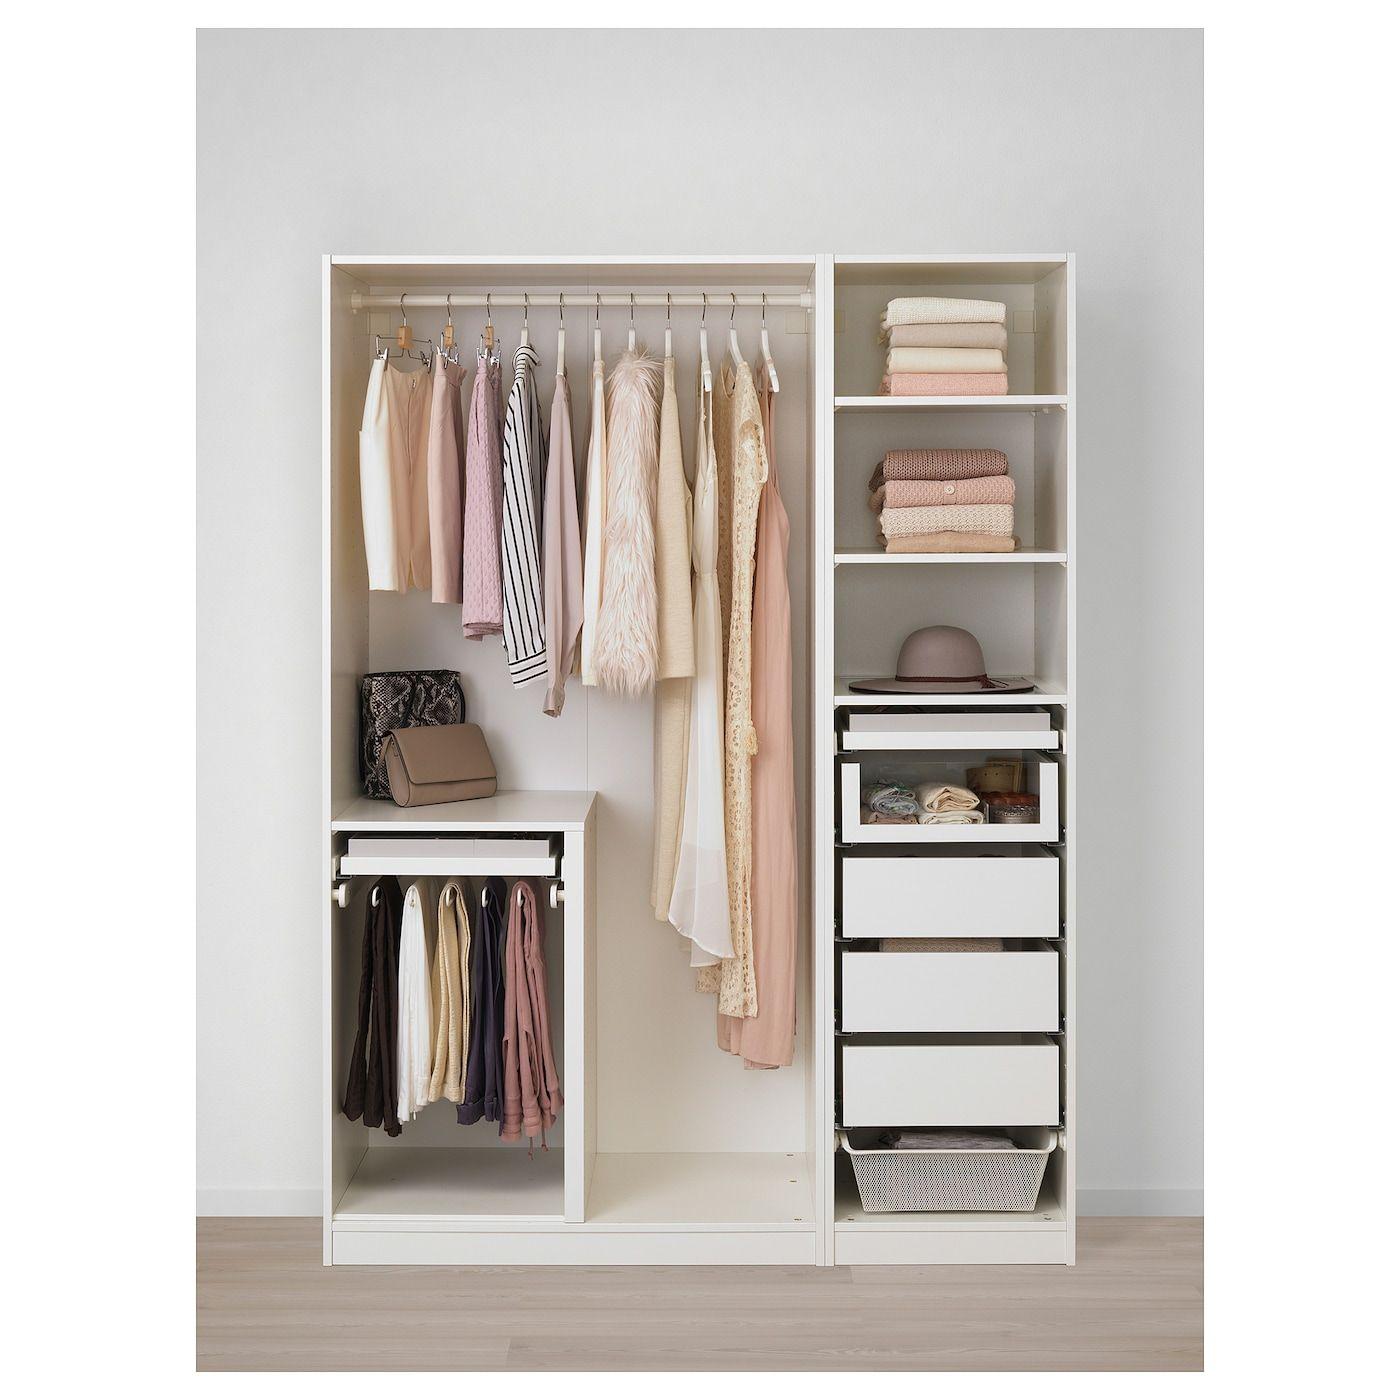 Pax Wardrobe White Tyssedal White 59x23 5 8x79 1 4 In 2020 Idees Gia To Ypnodwmatio Ntoylapa Ntoylapes